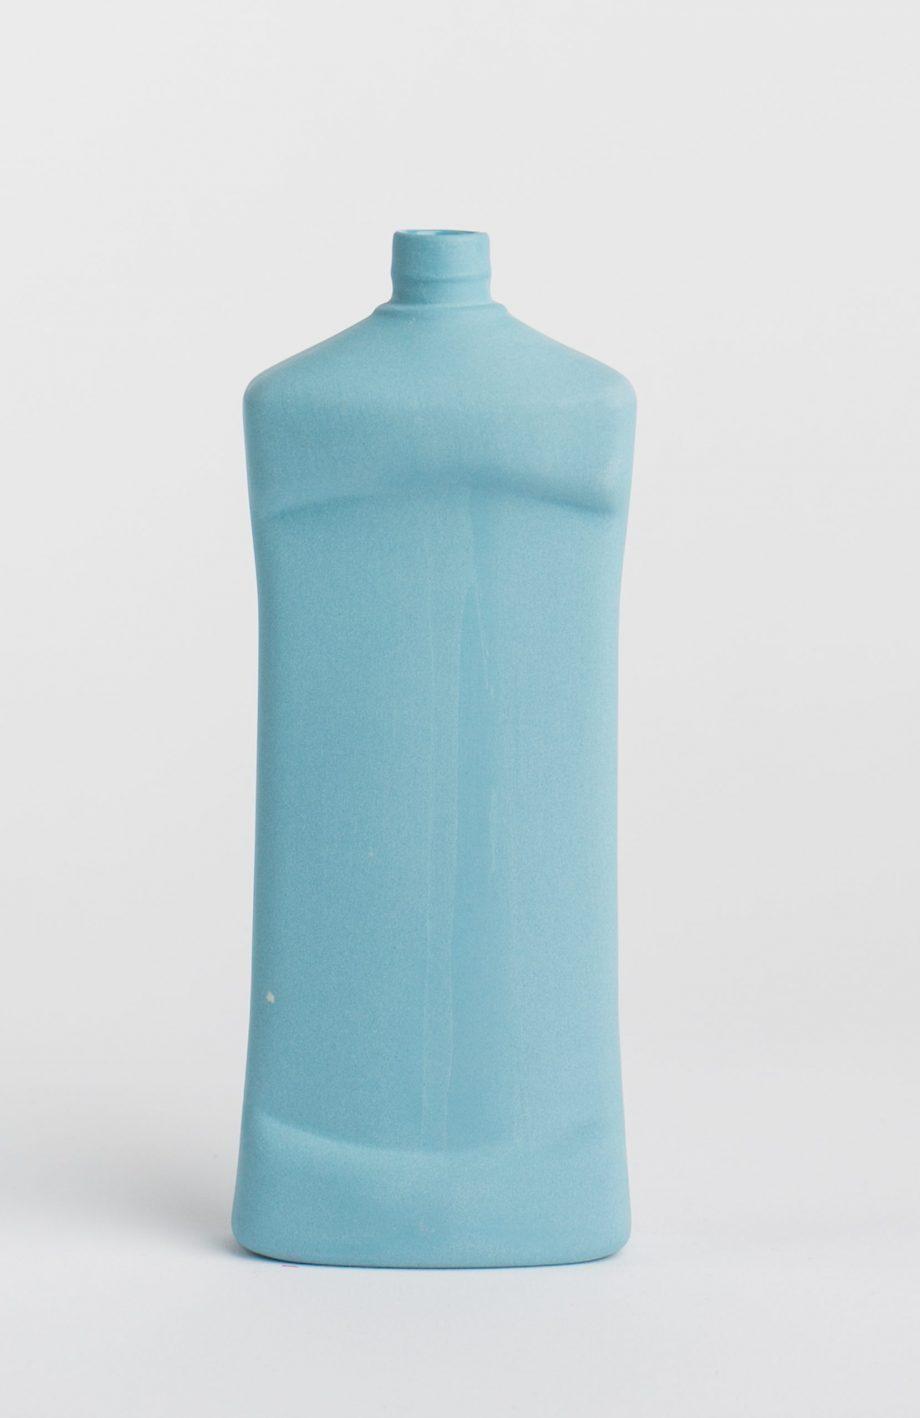 bottlevase #14 bright sky